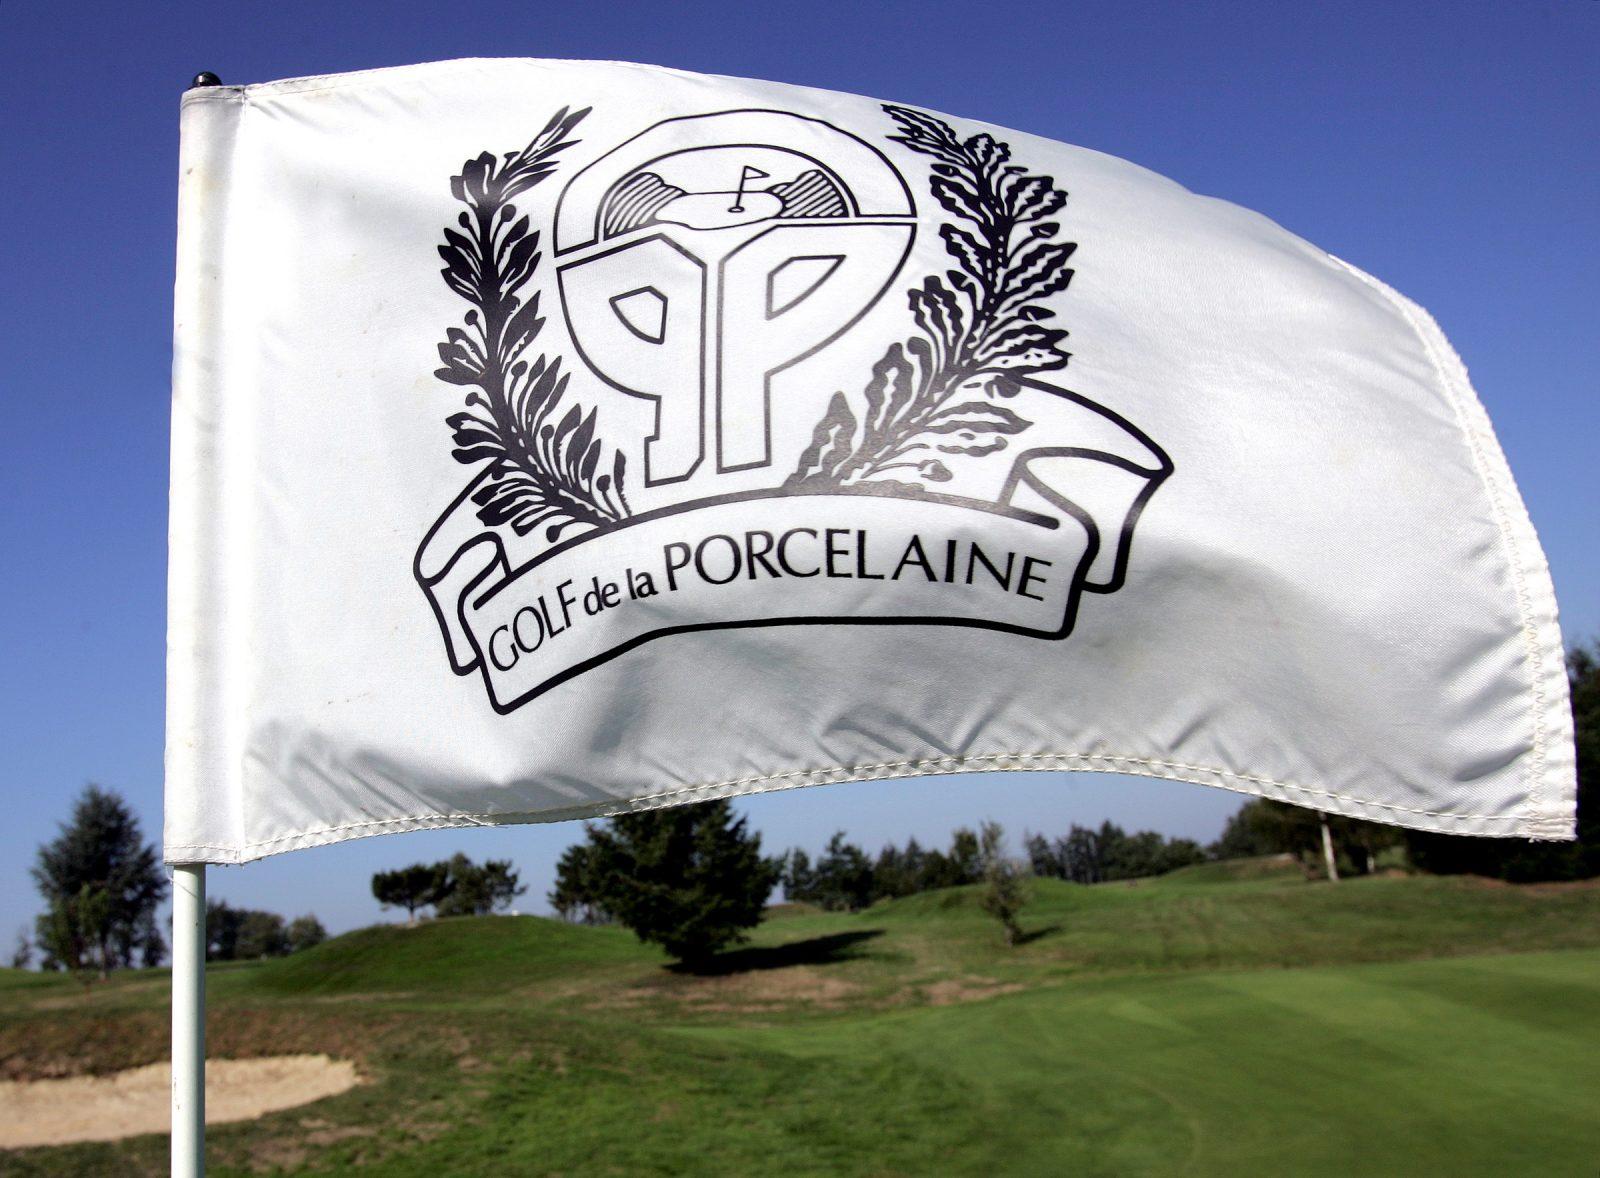 Drapeau du golf de la porcelaine avec en fond le parcours